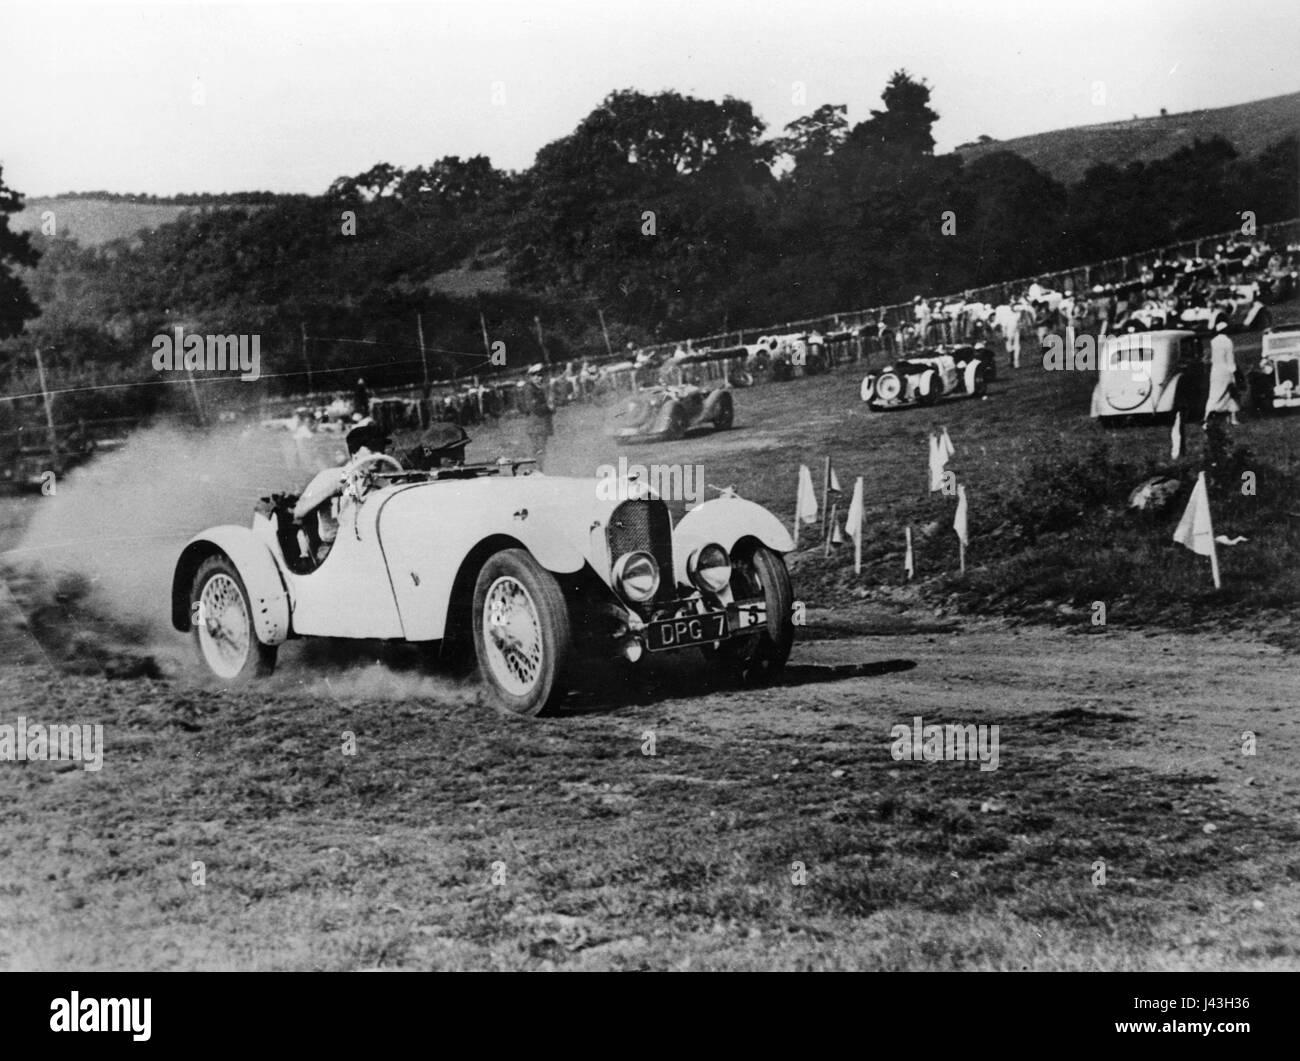 15-90 Marendaz chasis corto 1936. A.E.Moss en Rushmore competencia MCC Imagen De Stock